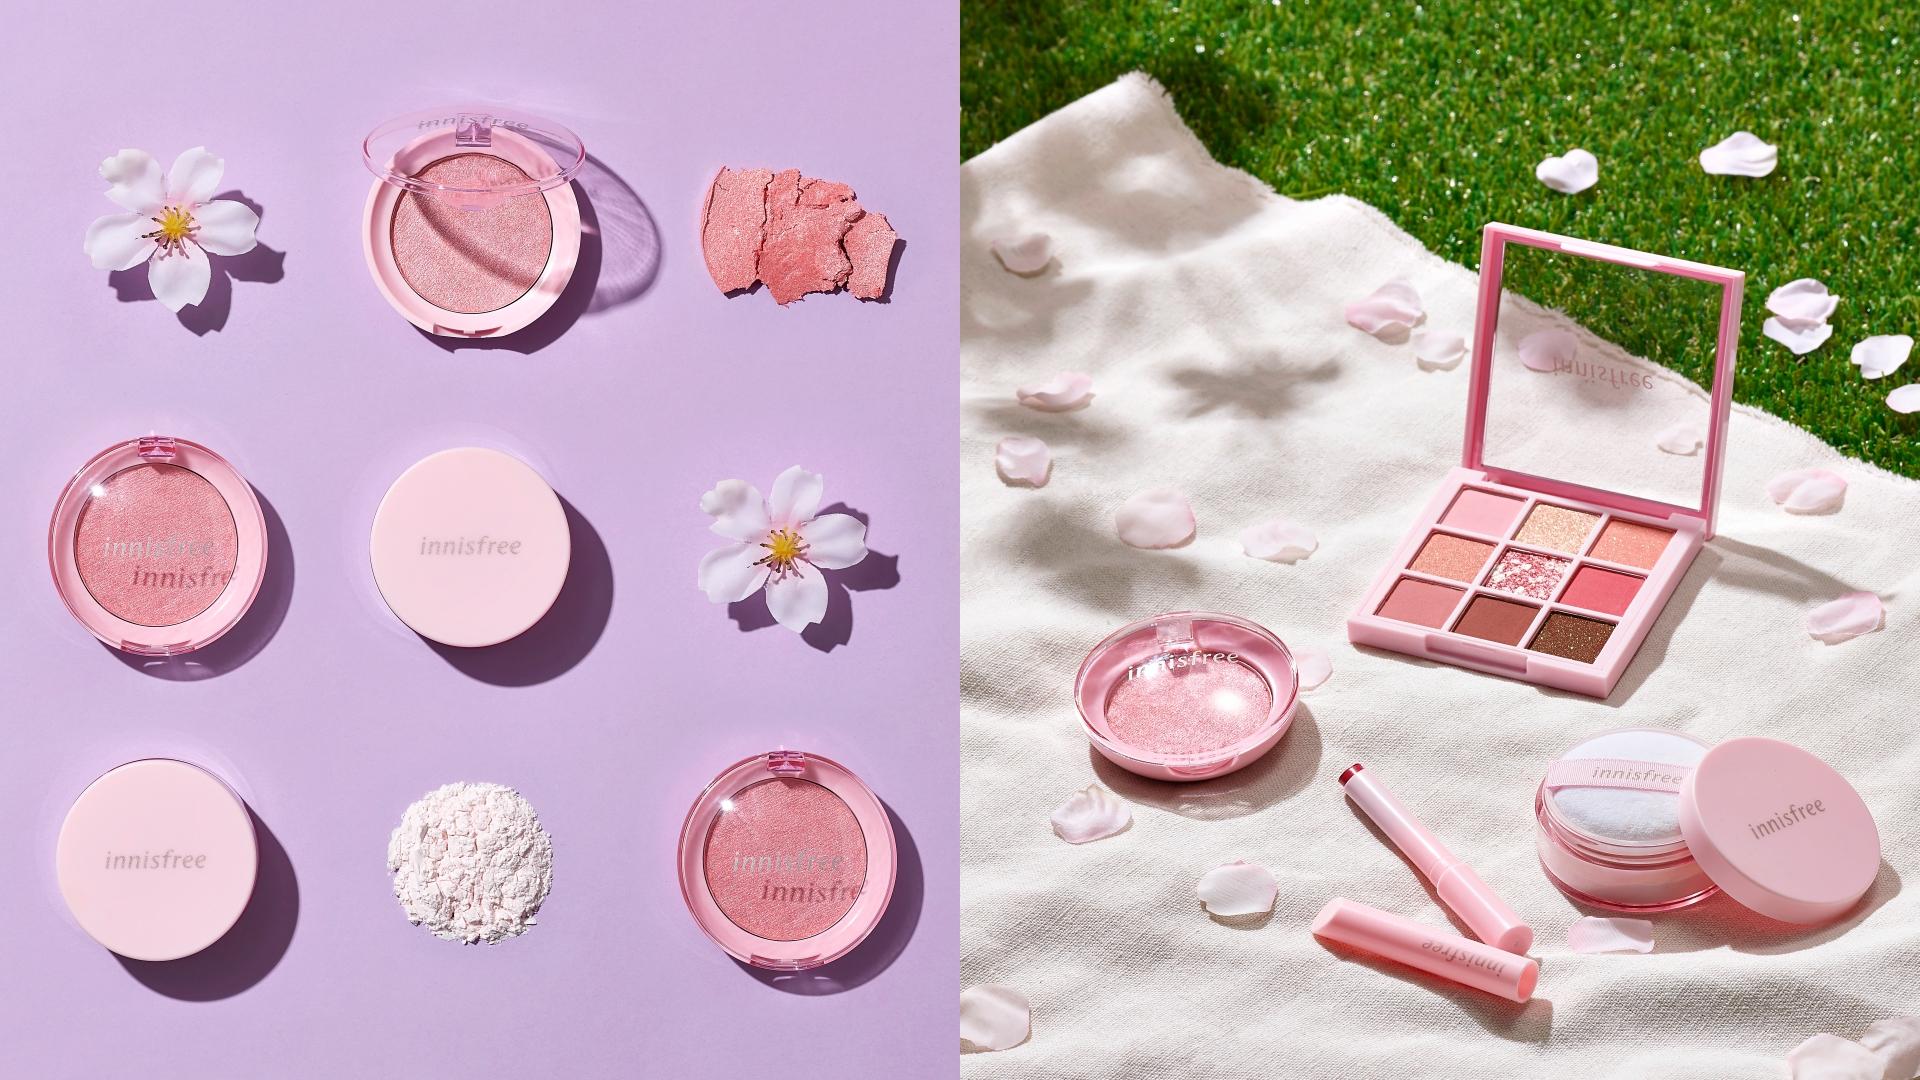 充滿春天感的櫻花系列顏色超粉嫩!